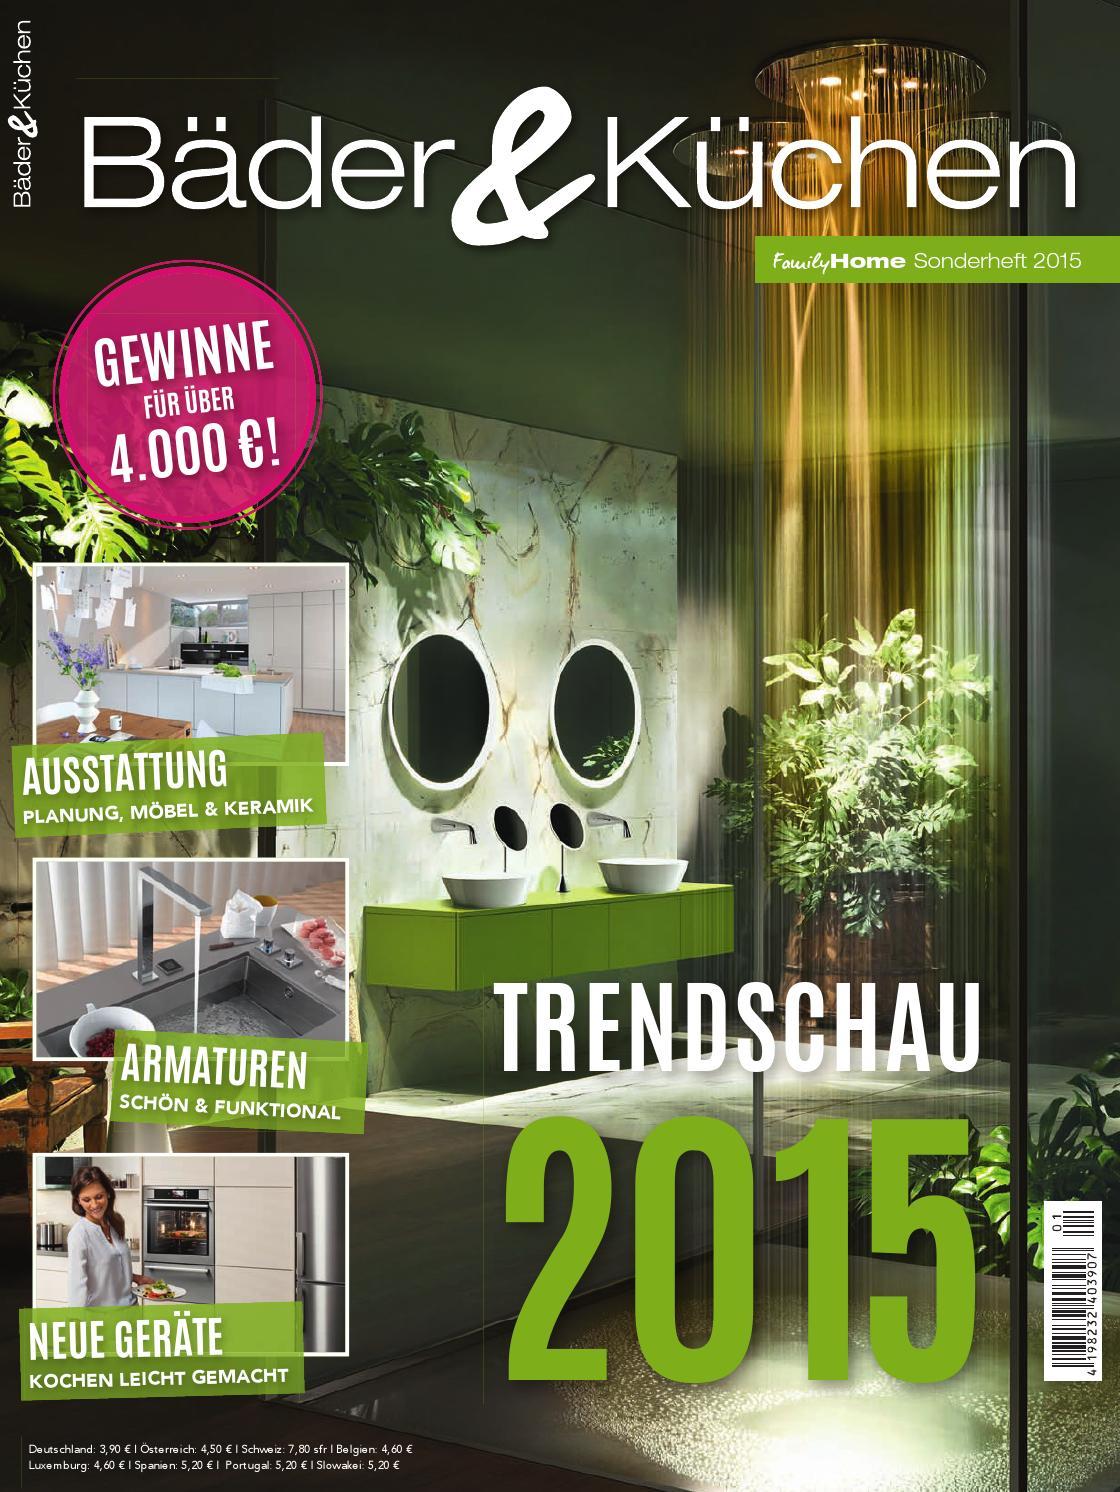 Bäder & Küchen 2015 by Family Home Verlag GmbH - issuu